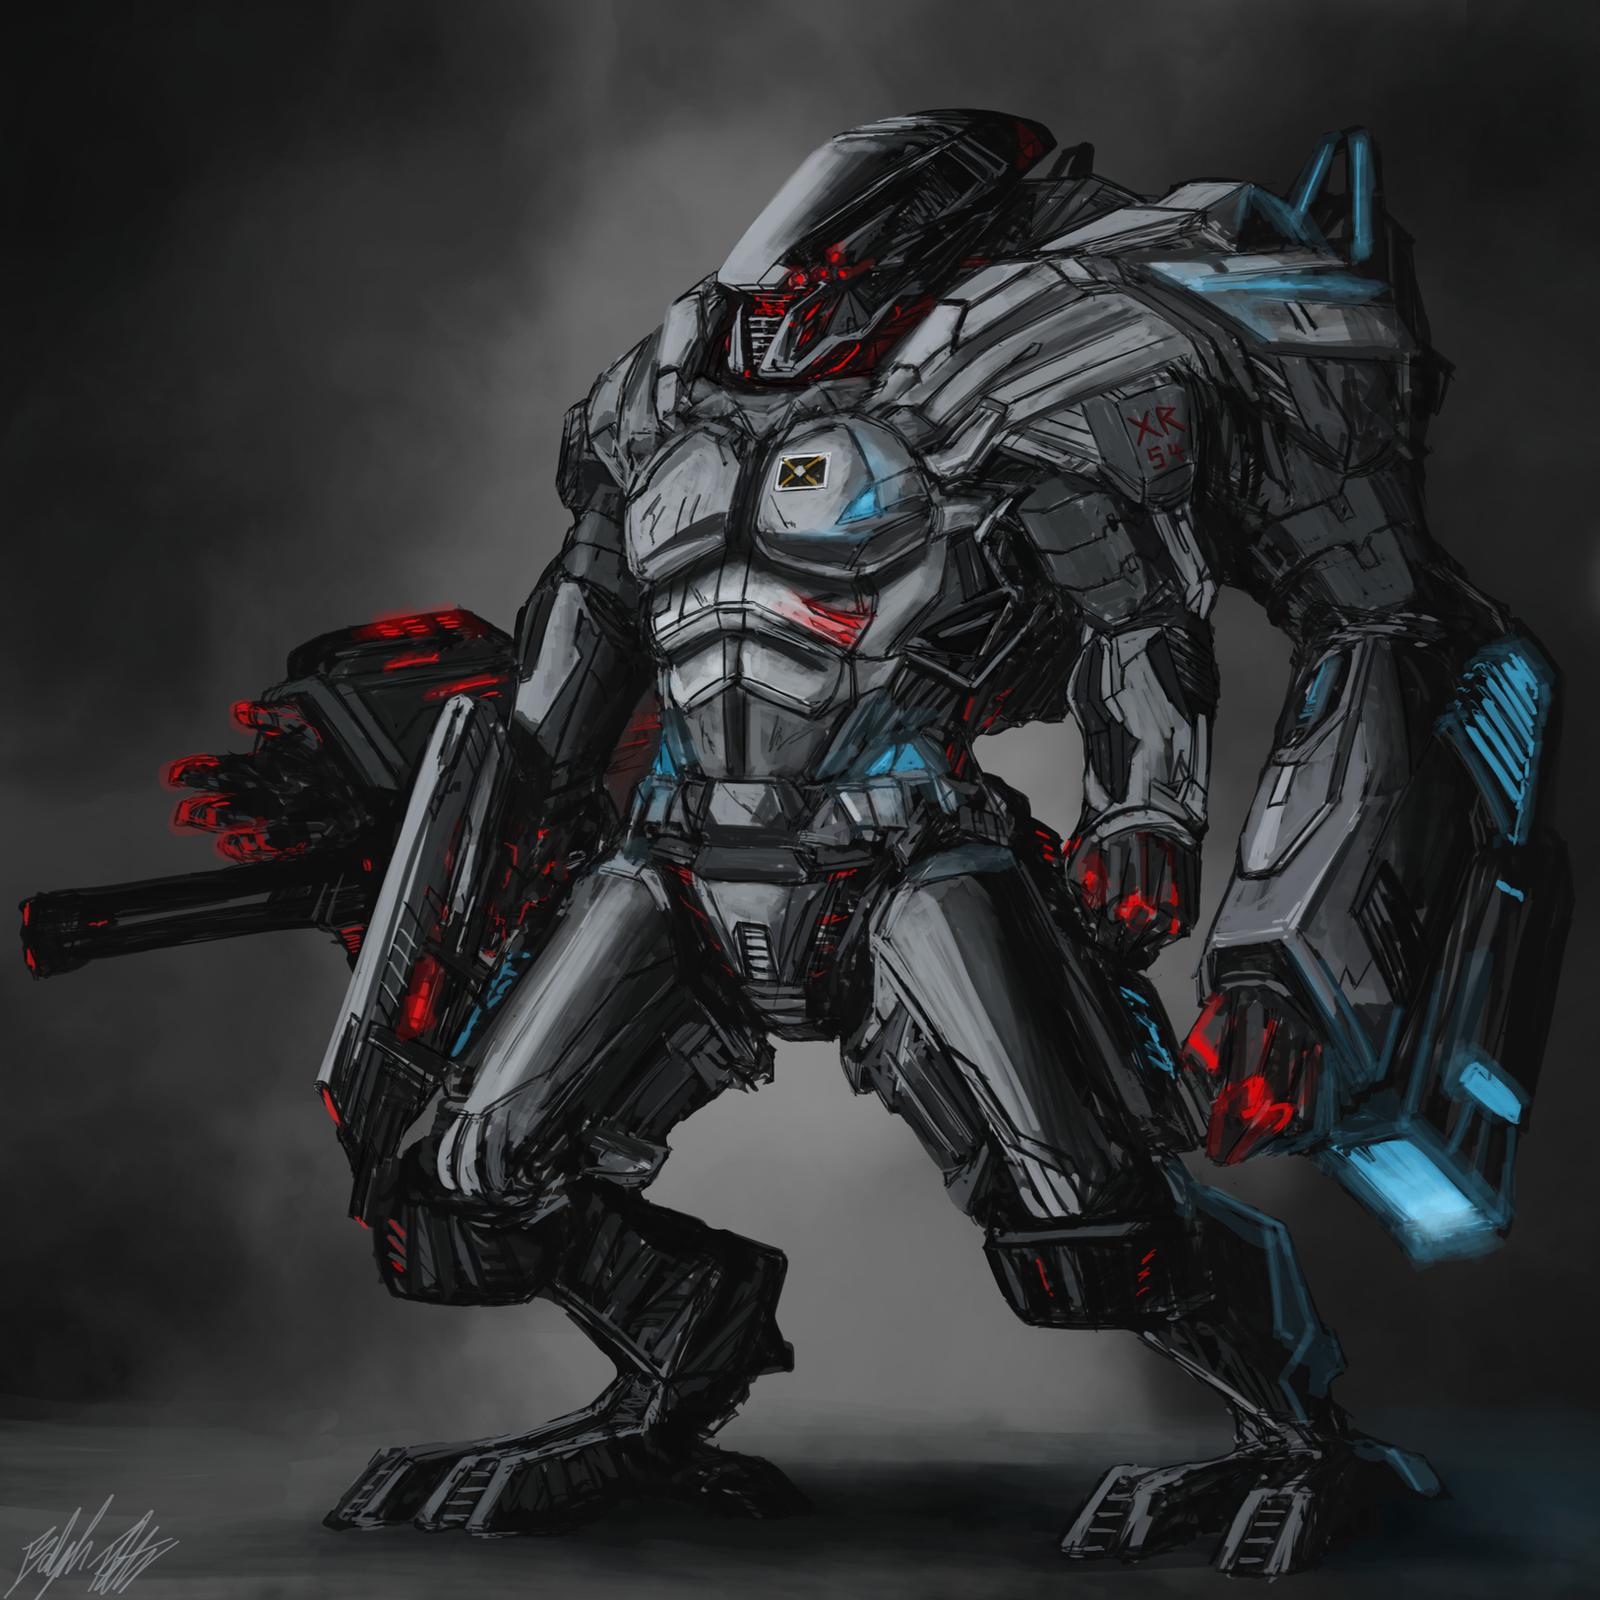 XR-54 Redeemer by PeterPrime